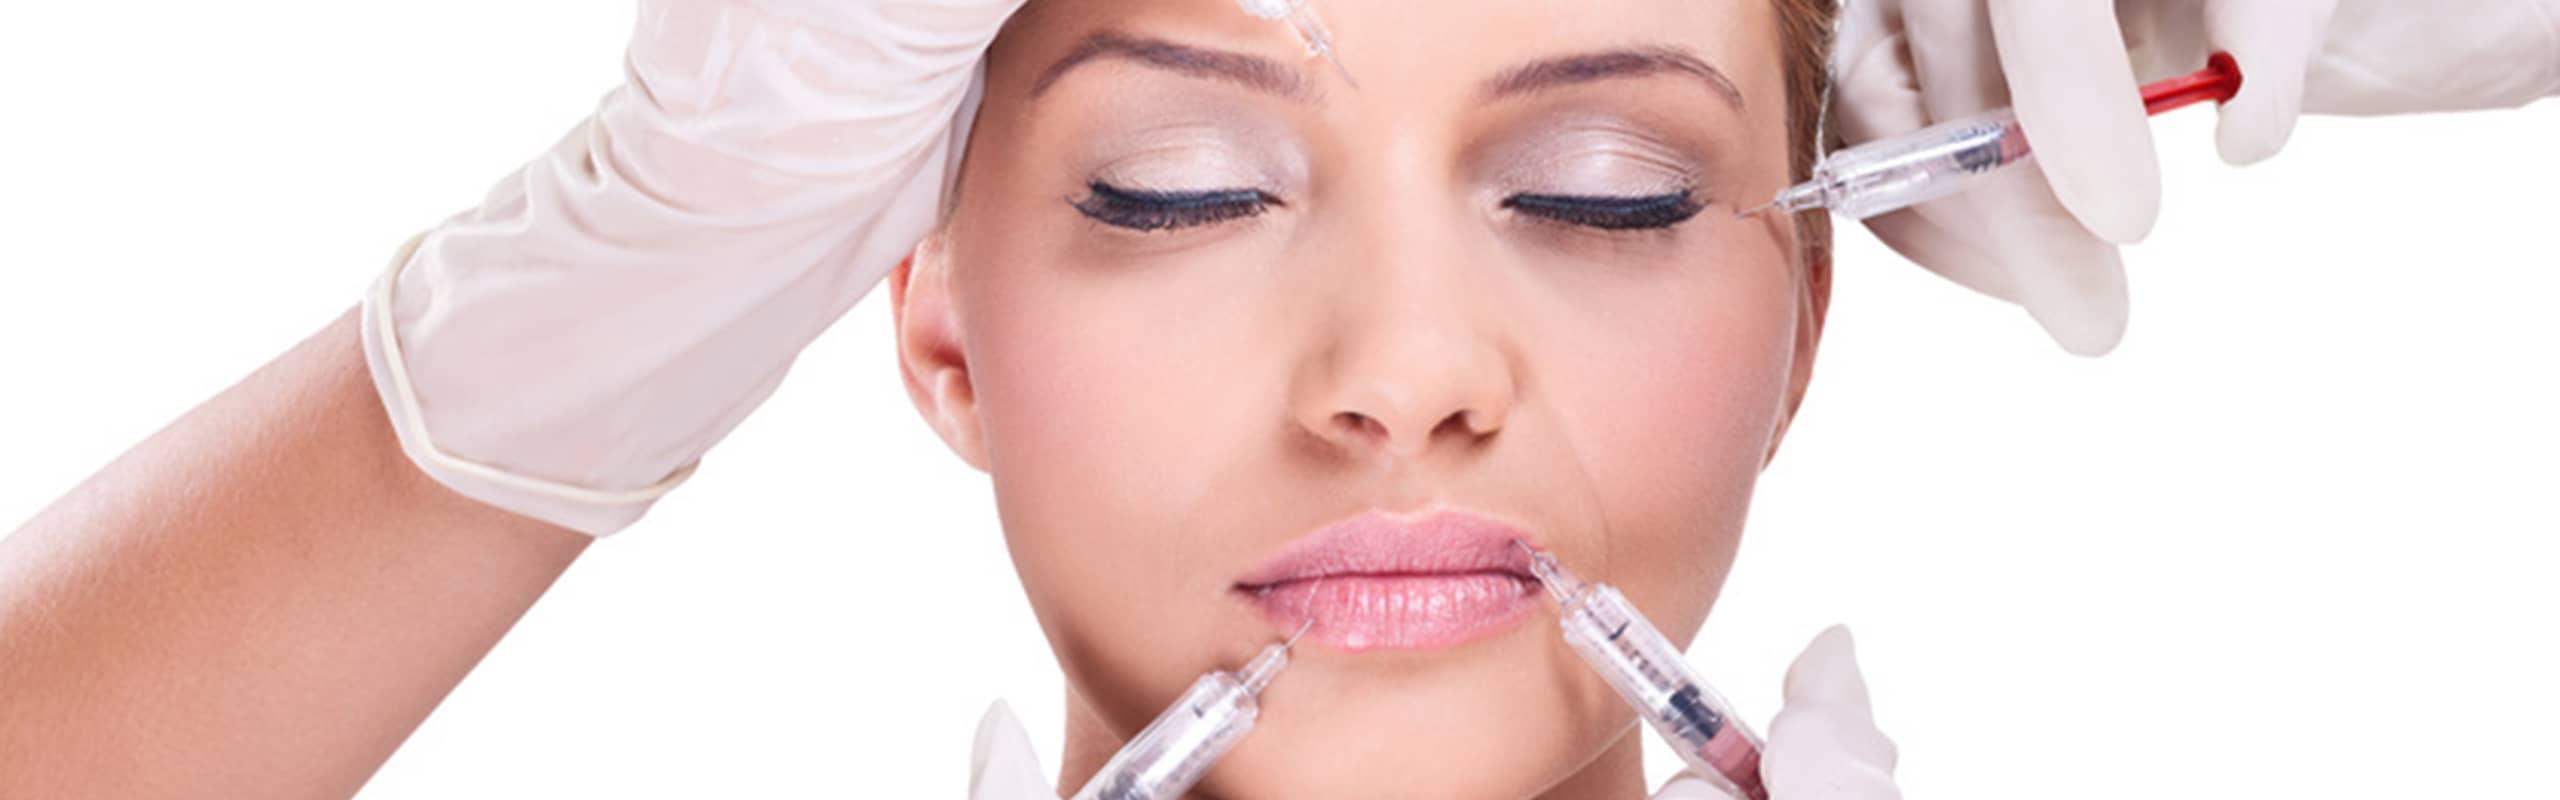 junge frau erhaelt mehrere injektionen im gesicht bei der medizinischen kosmetik von inessa beauty